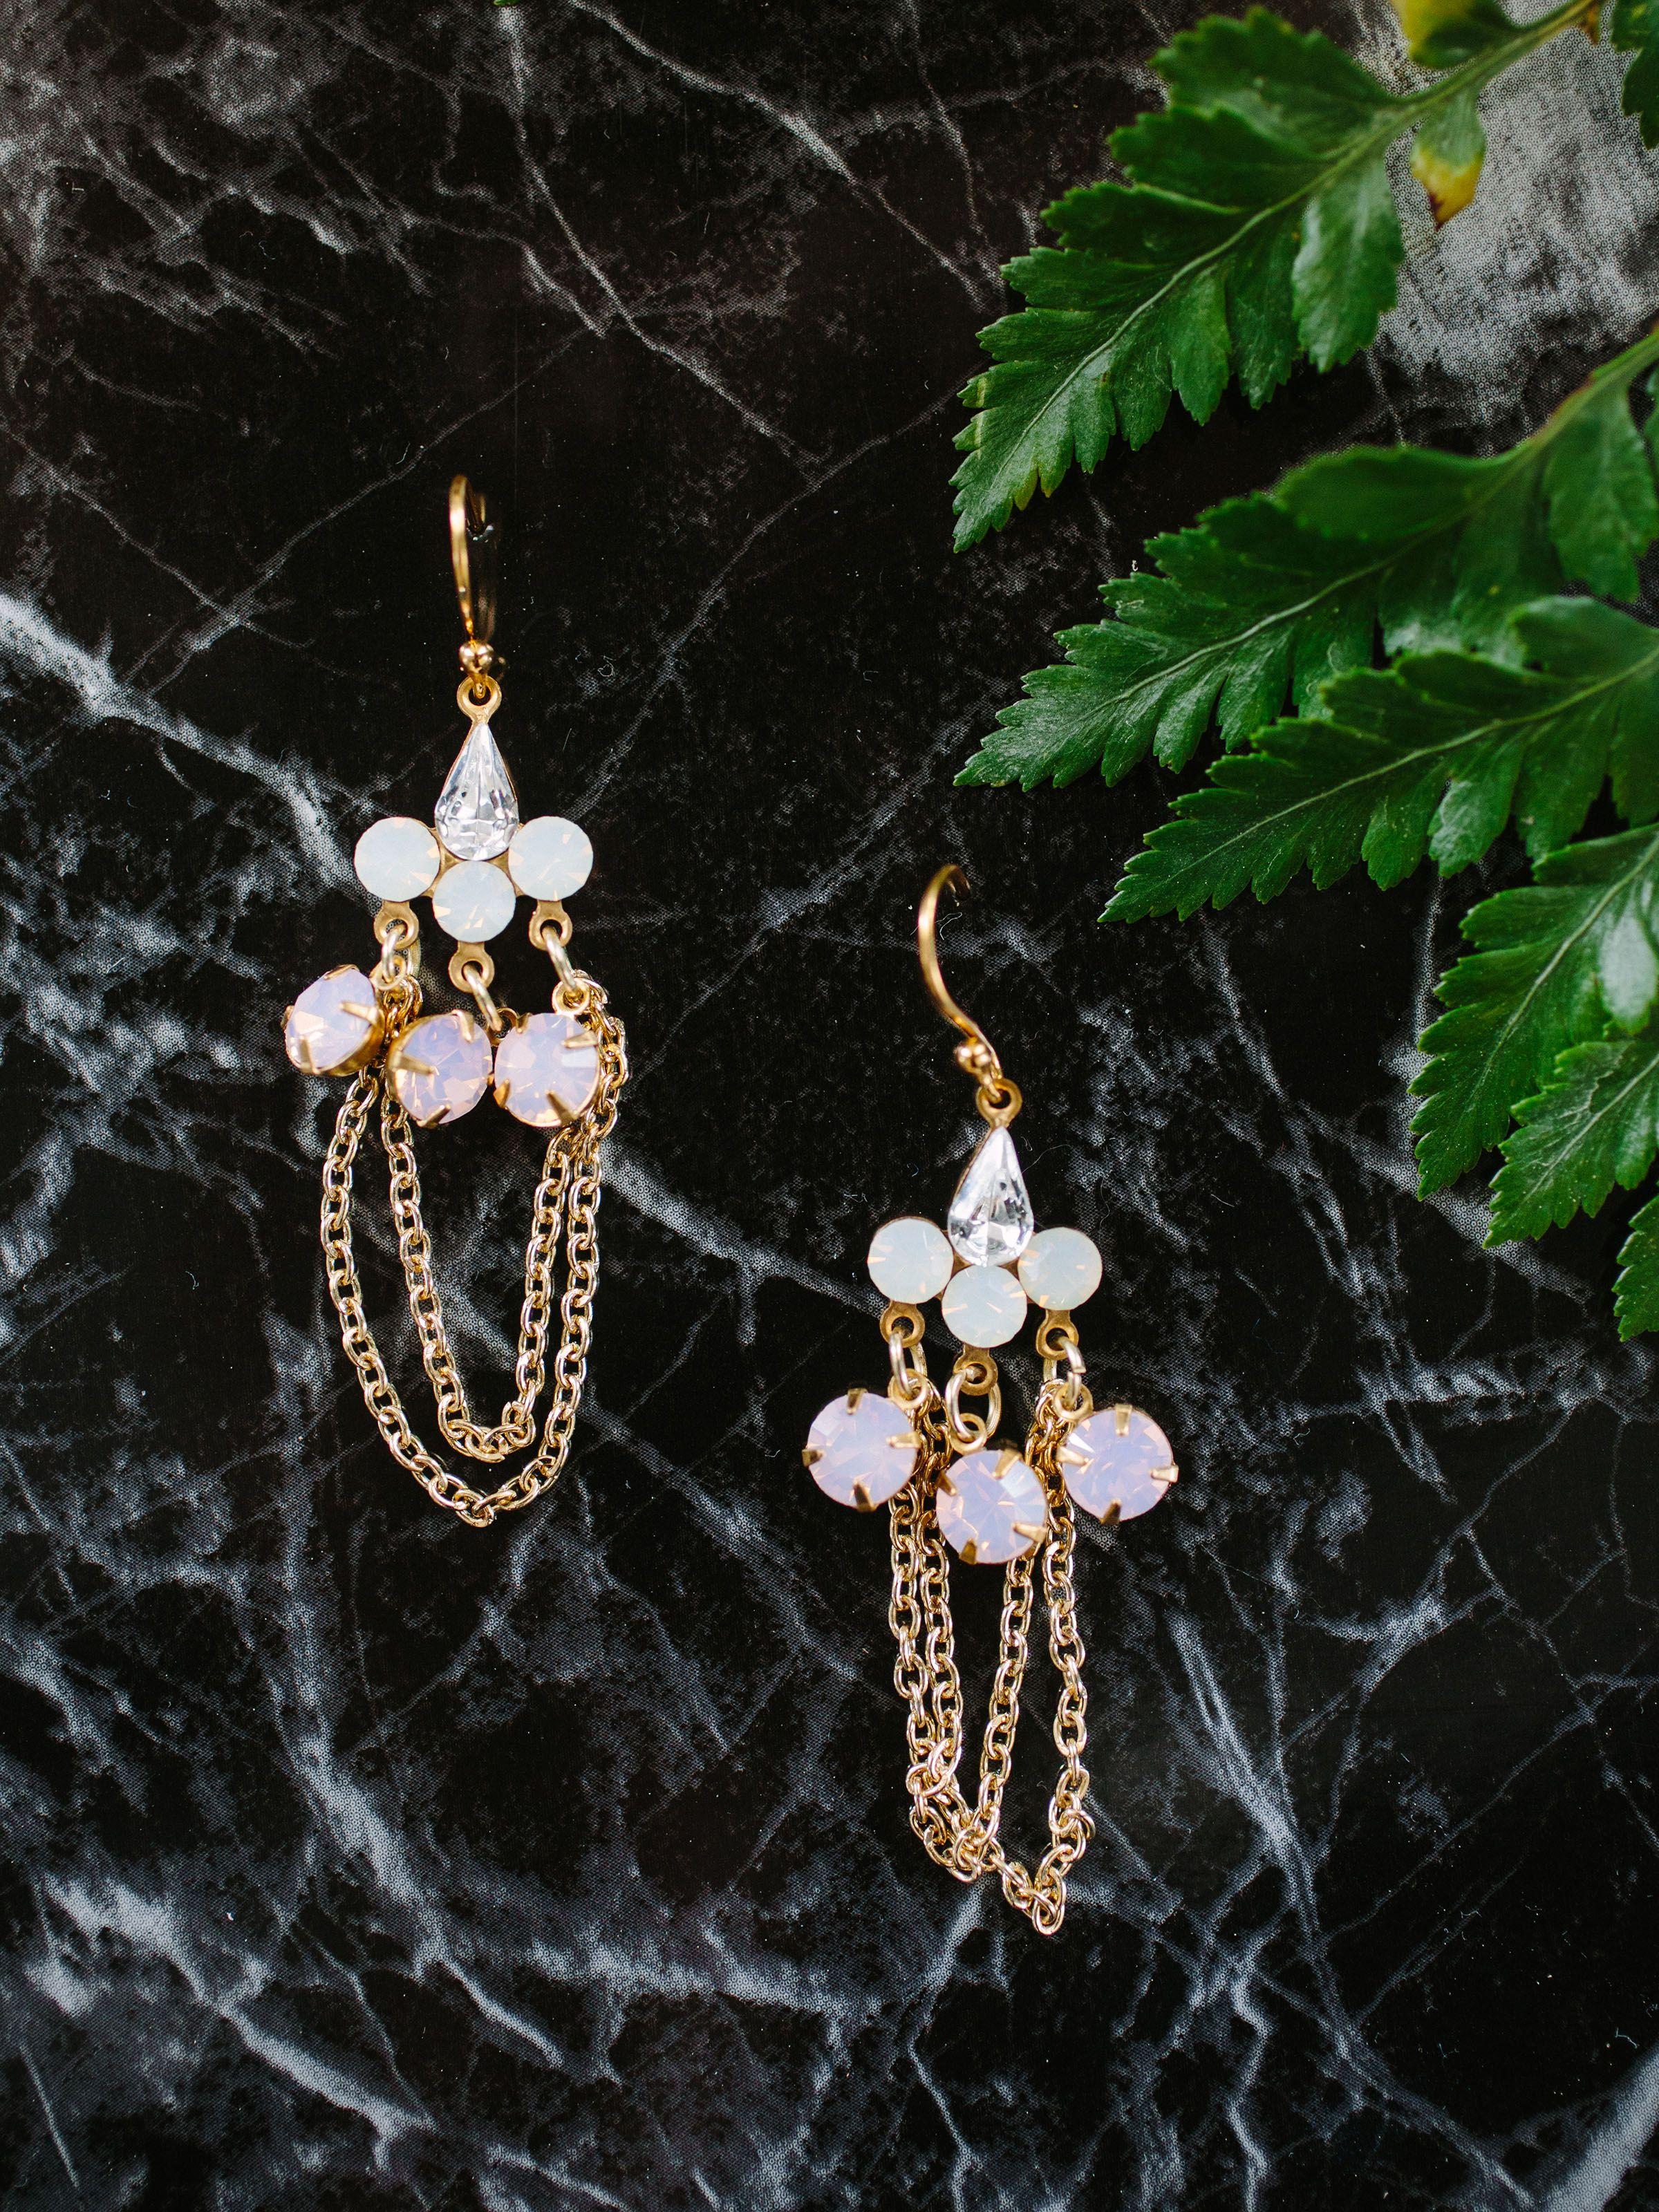 Mars Wedding earrings drop, Bridal accessories, Bridal